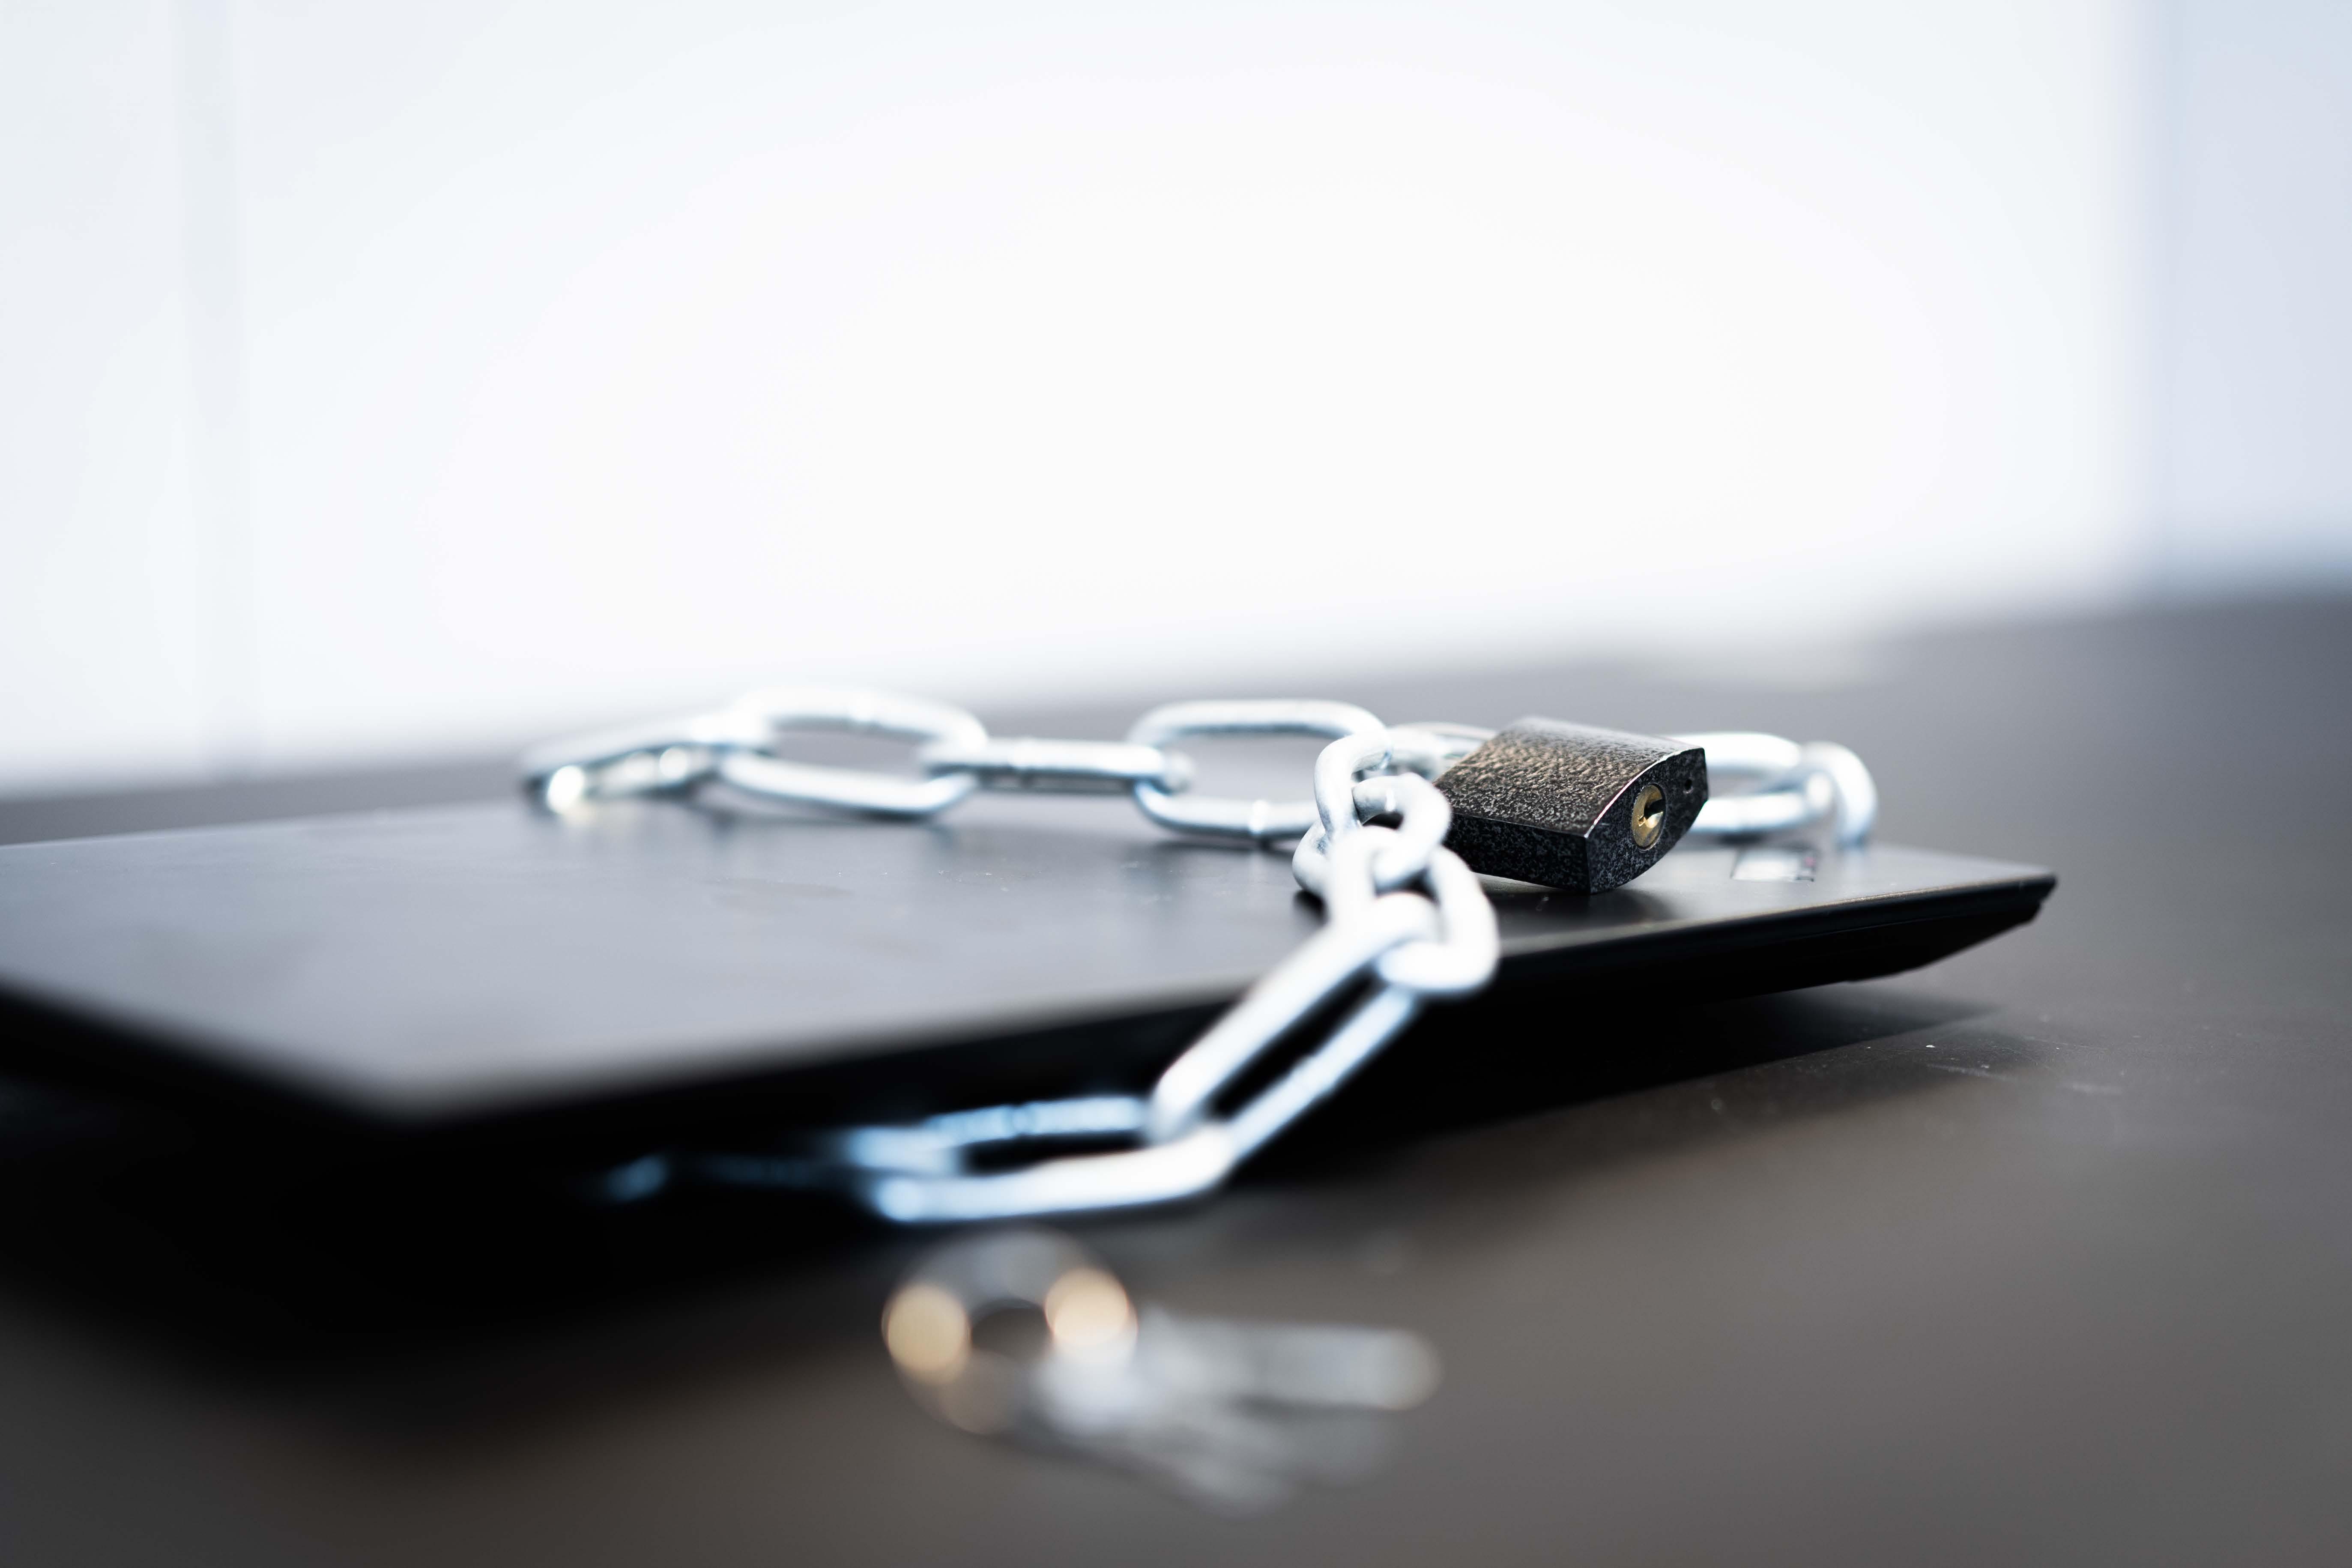 Hackere satser på at bedrifter tar lett på IT-sikkerheten